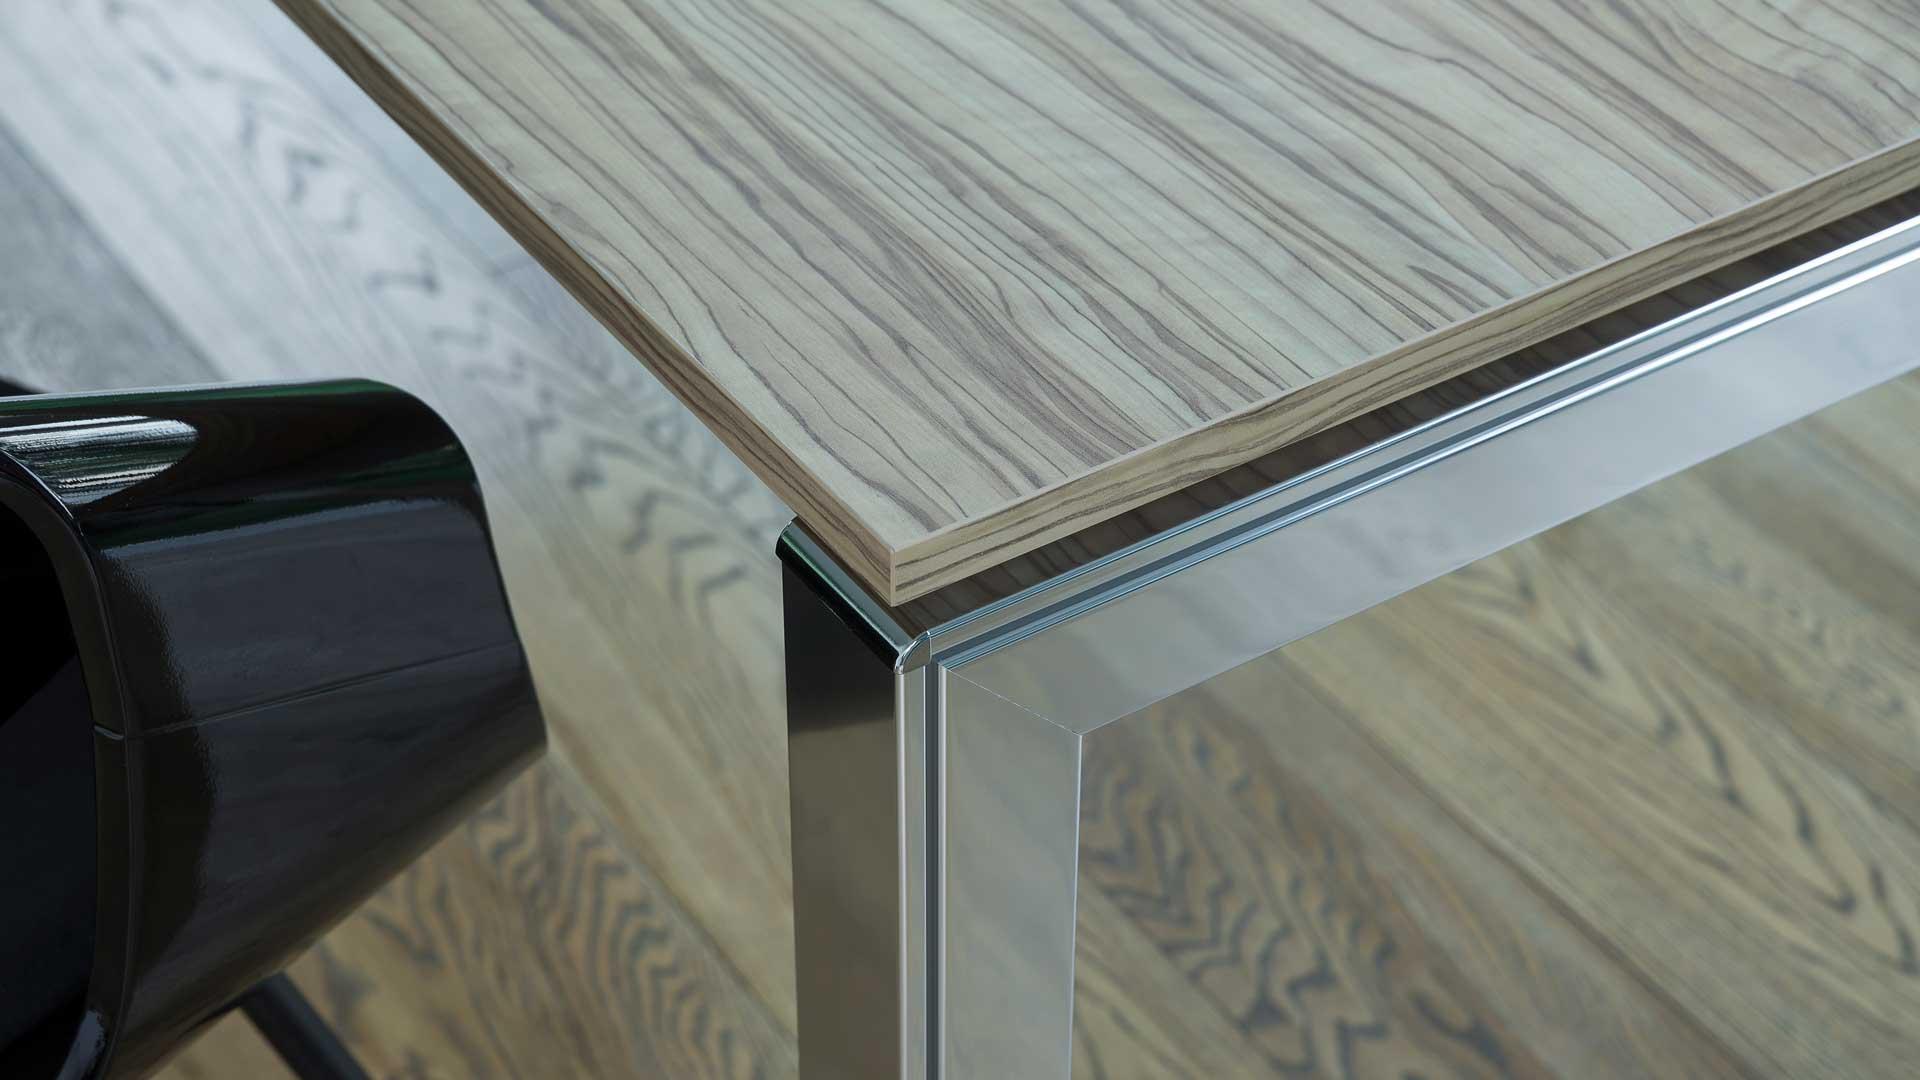 scrivania-ideale-per-ufficio-Level-Office-Ladscape